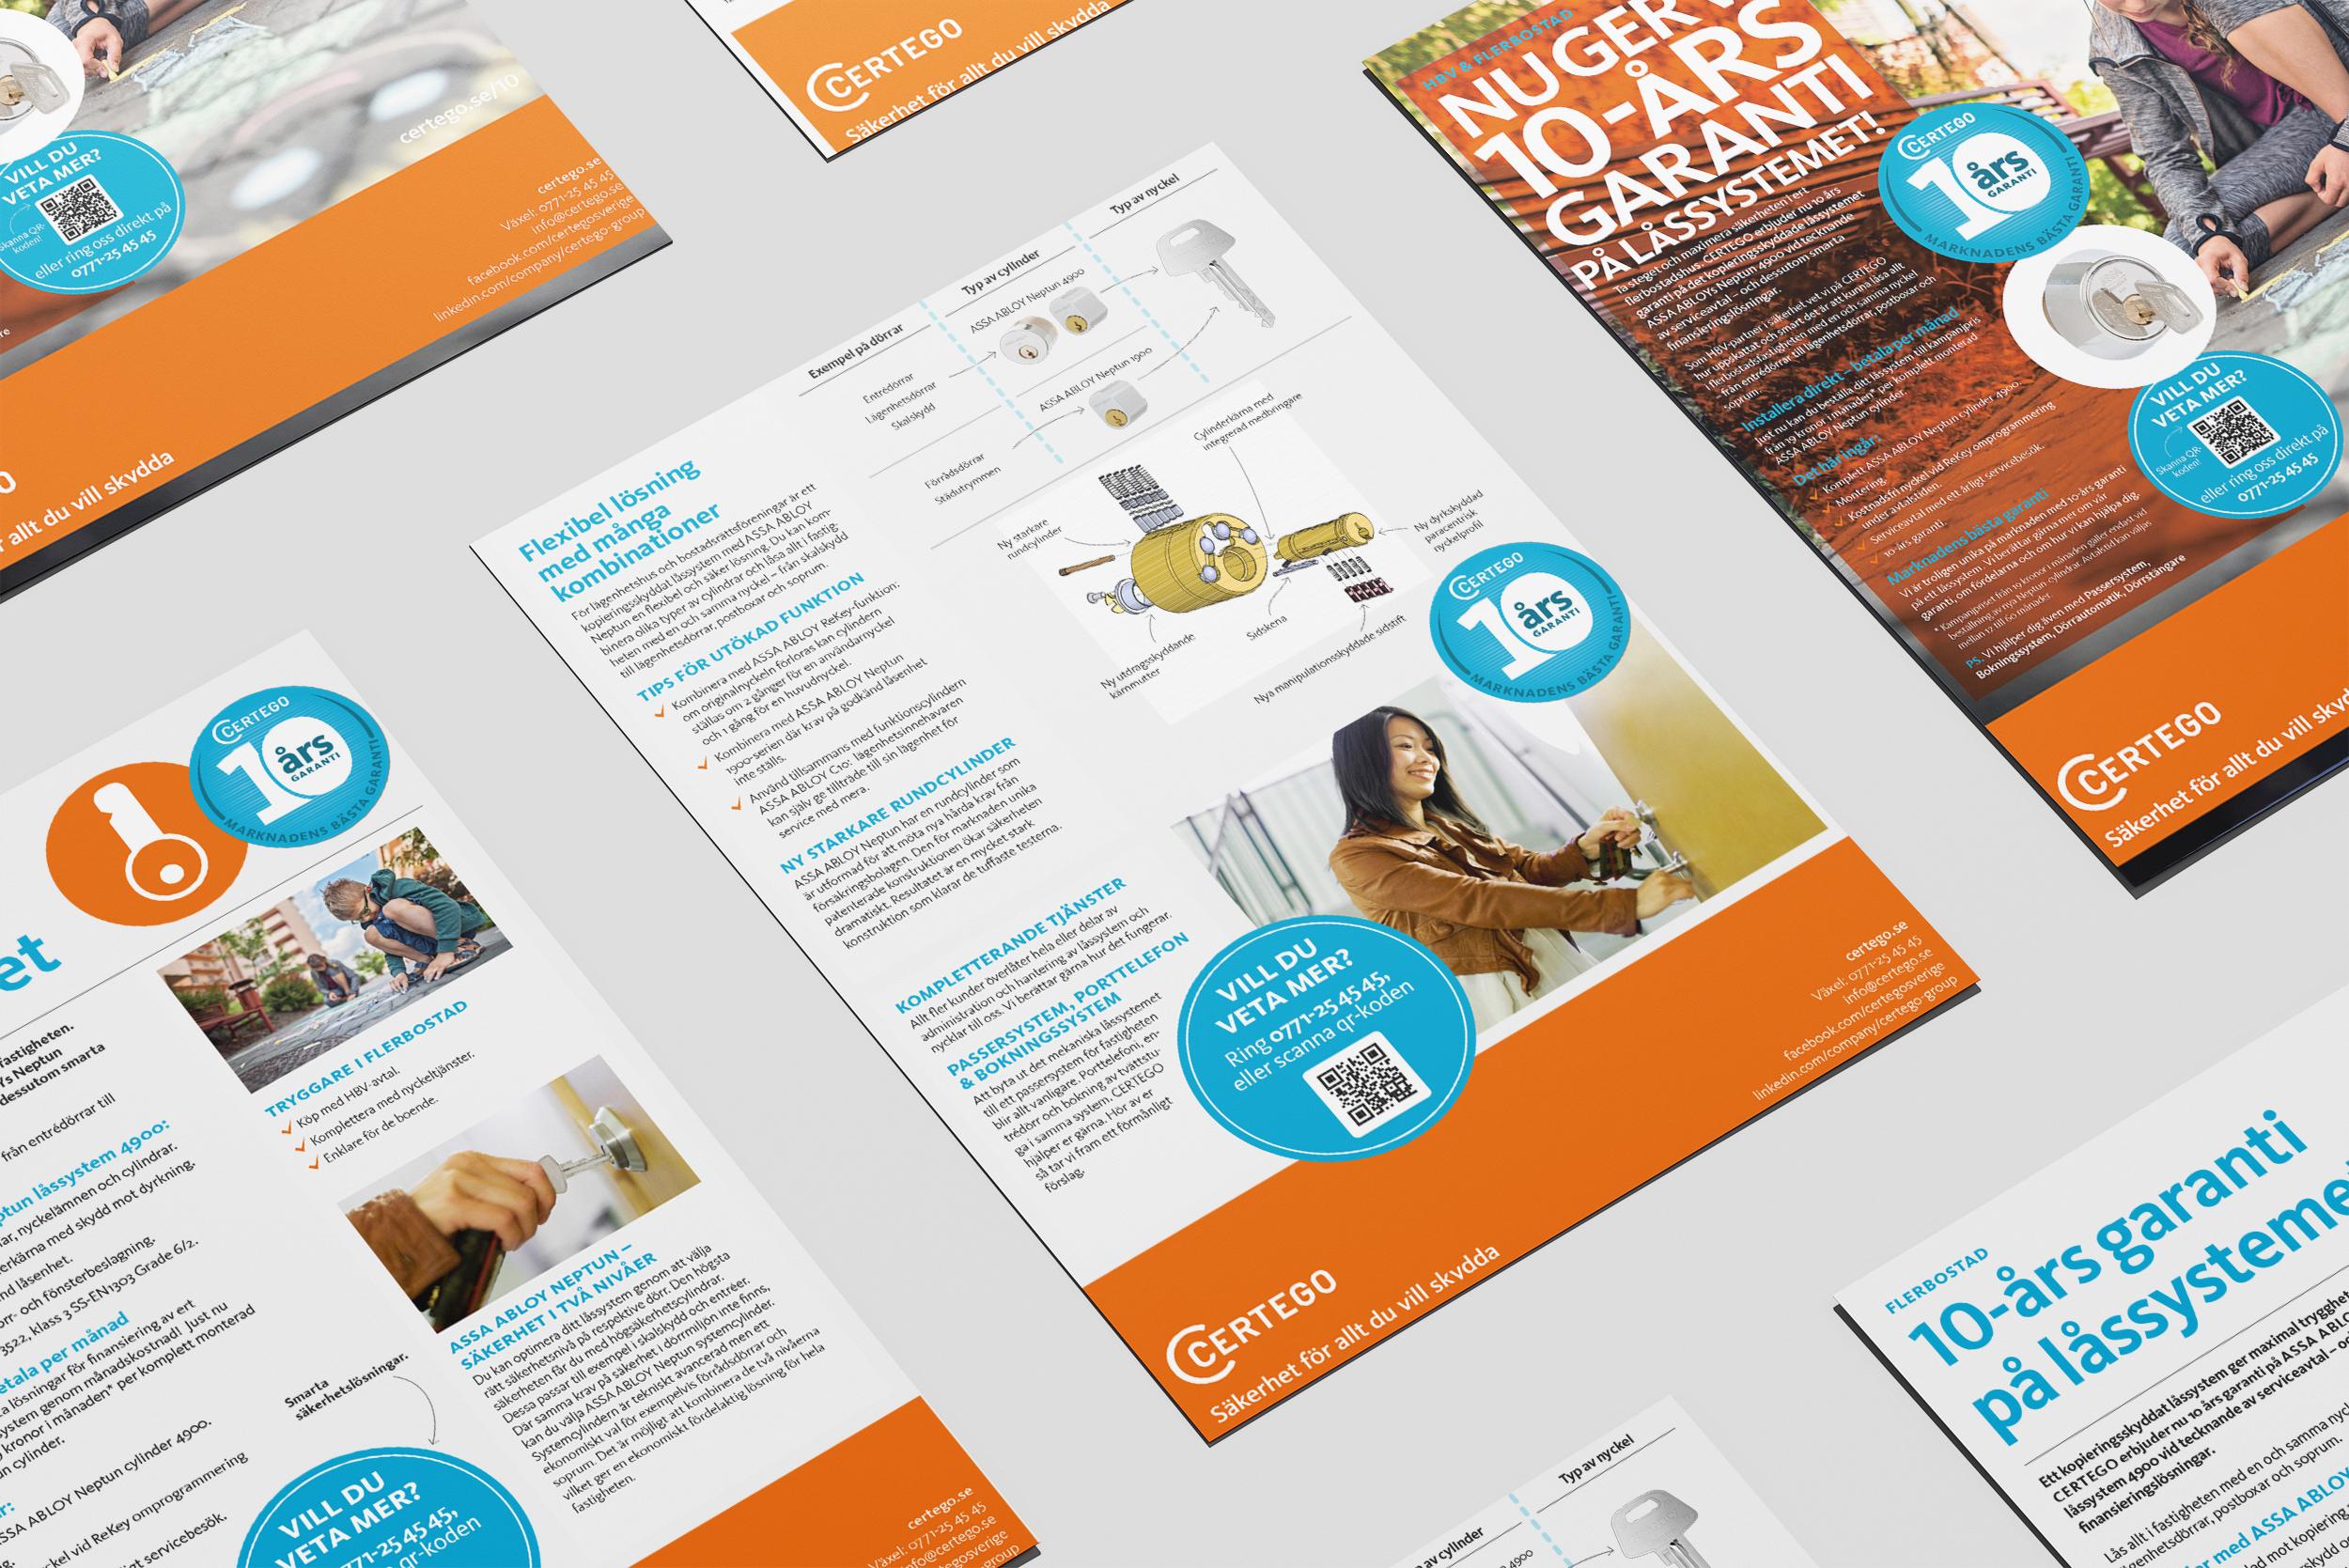 Annonsmaterial för CERTEGOs 10-års kampanj.